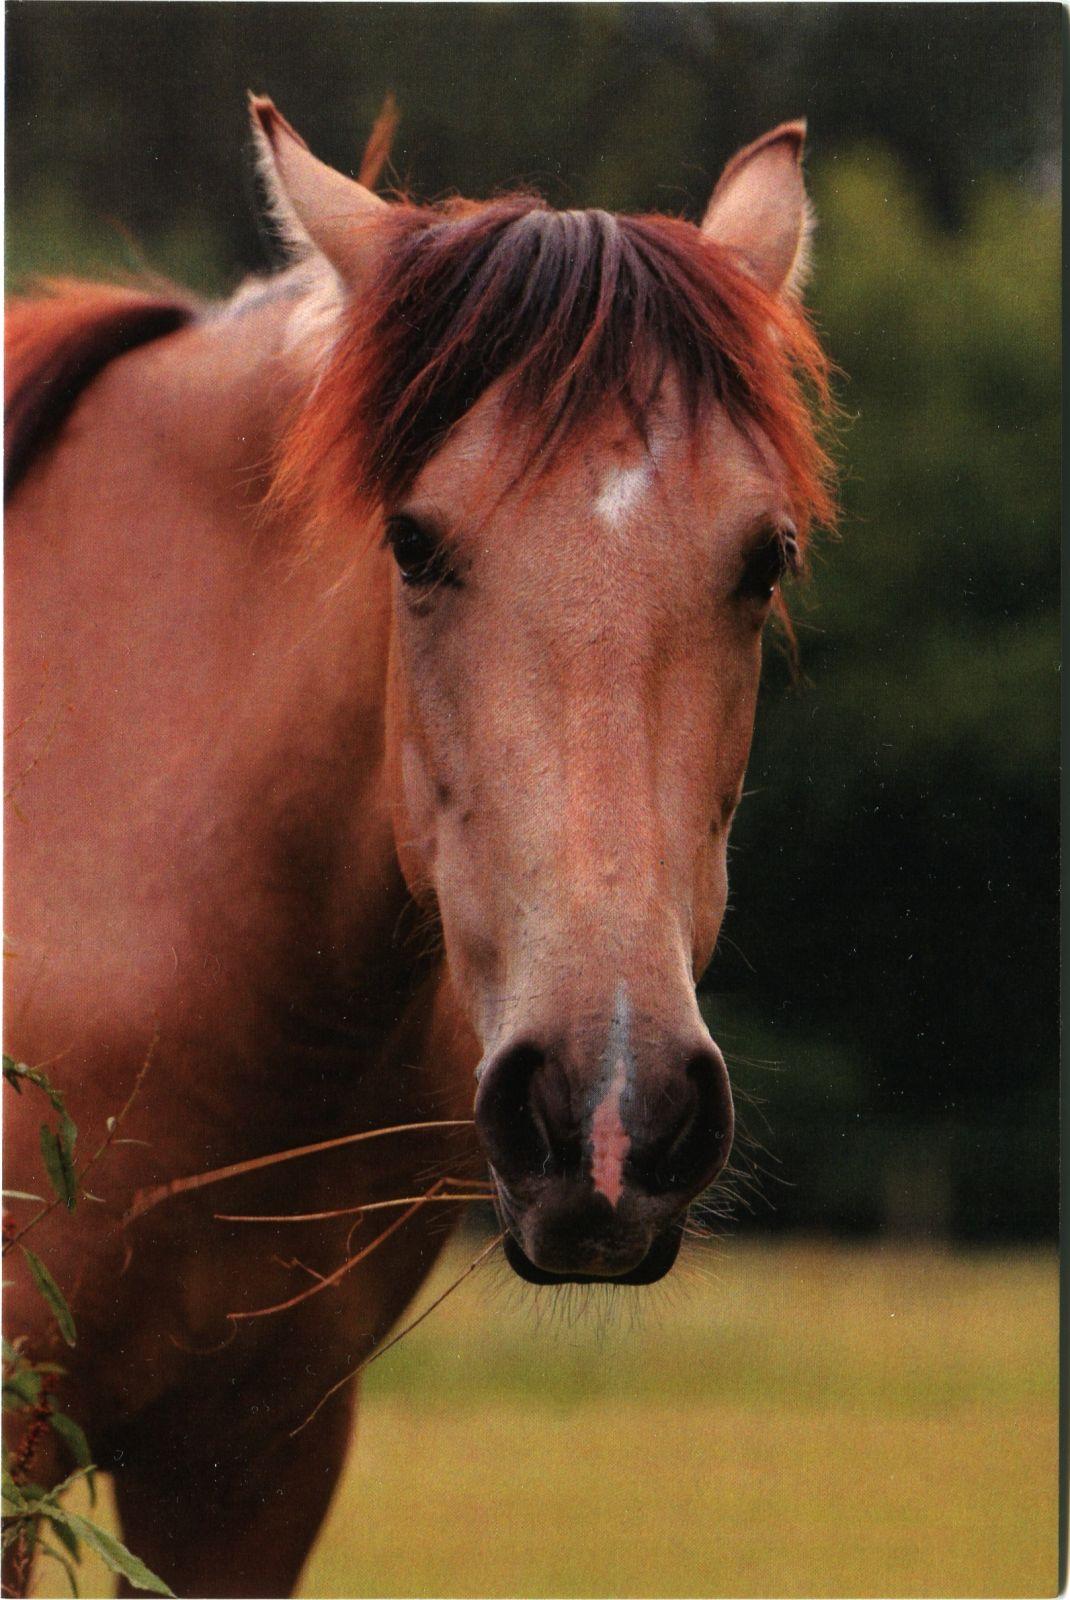 Pohlednice Ponynka.cz - série koně - hnědák hlava (1/2018)